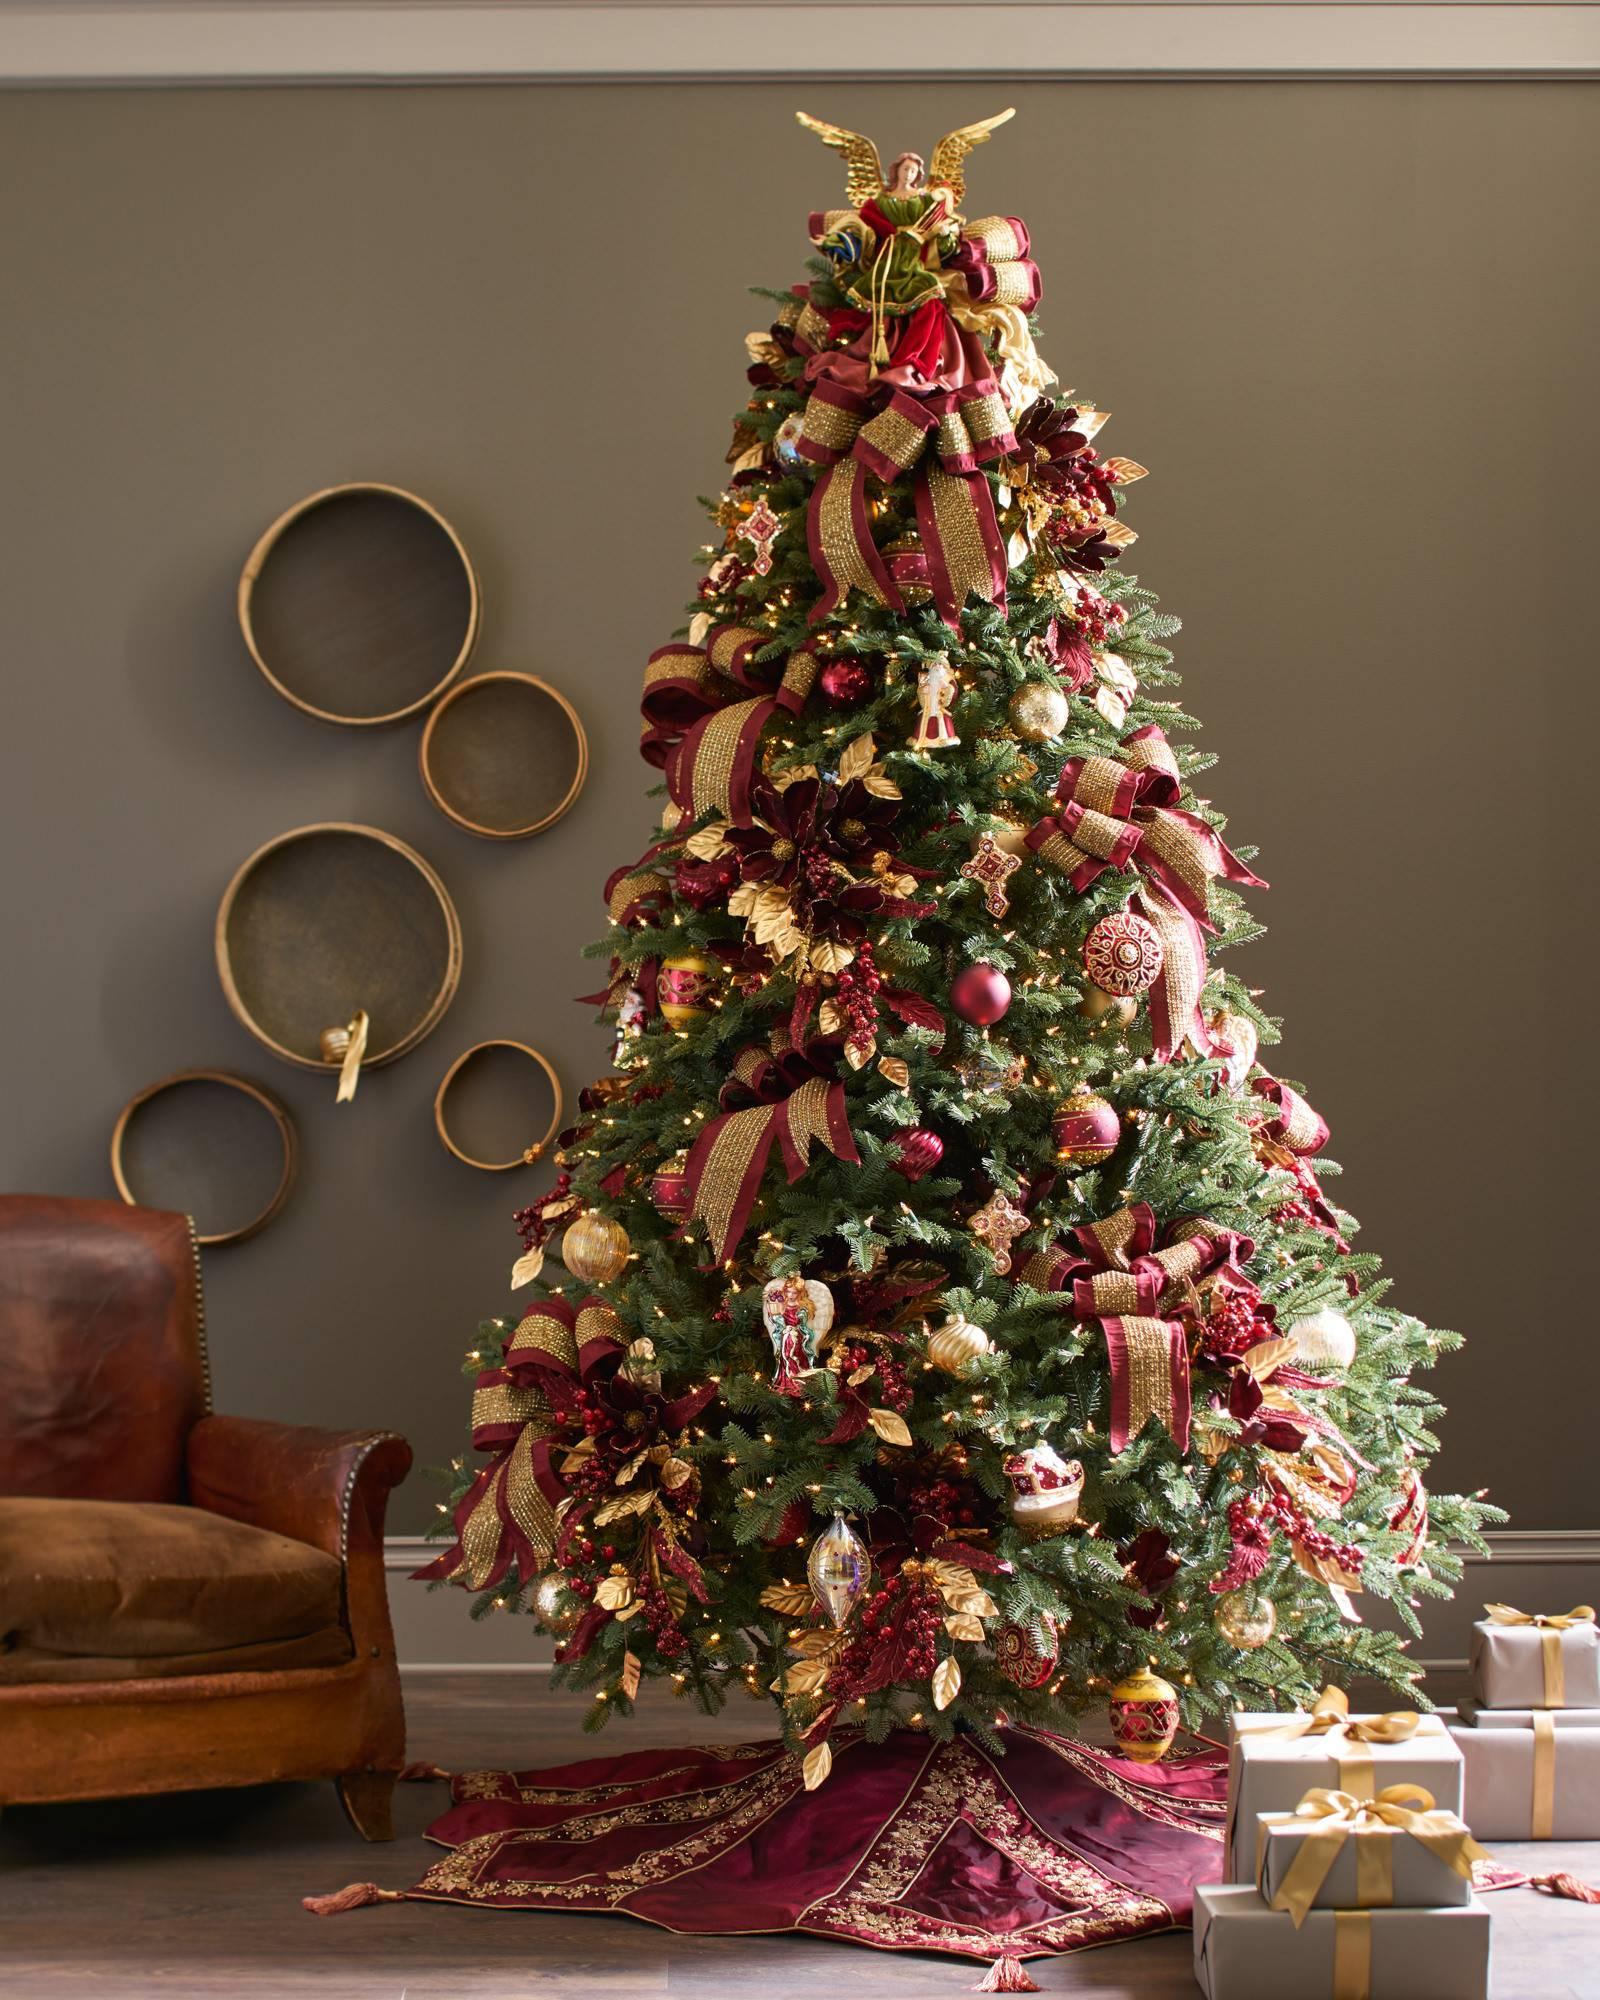 Christmas ornament sets for tree -  Ornament Set 35 Pieces Alt Alt Alt